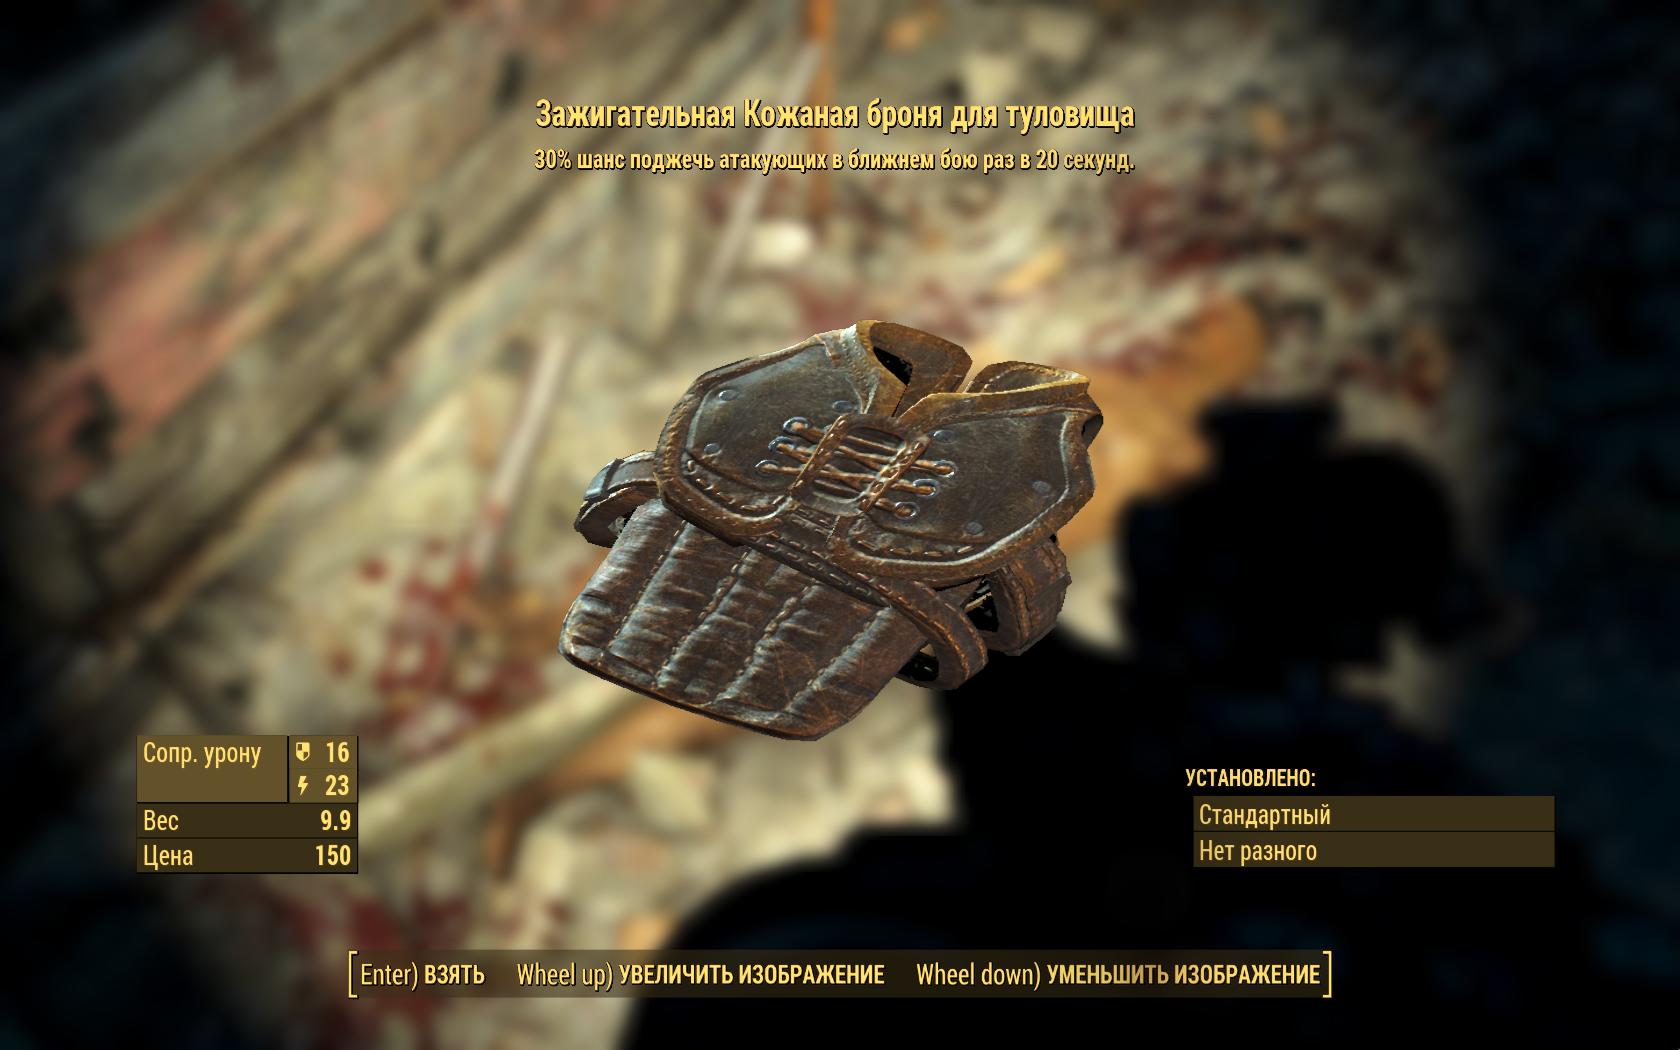 Зажигательная кожаная броня для туловища - Fallout 4 броня, Зажигательная, кожаная, Одежда